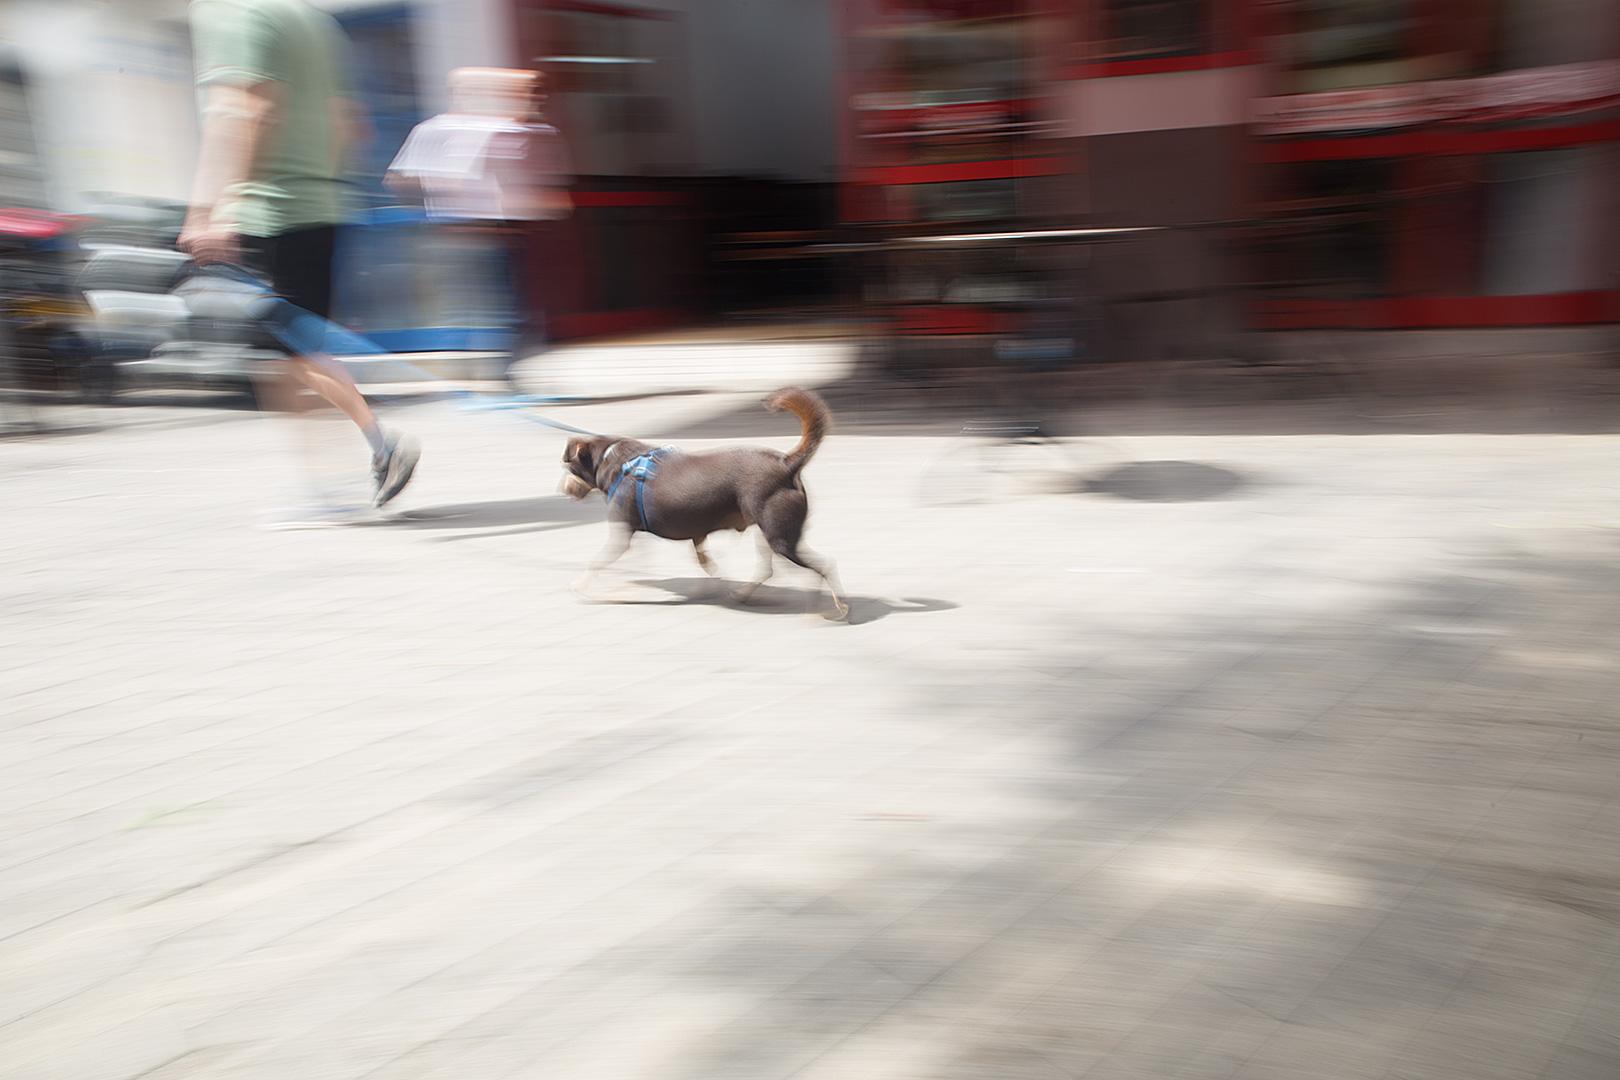 להוליך את הכלב. פלורנטין, תל אביב